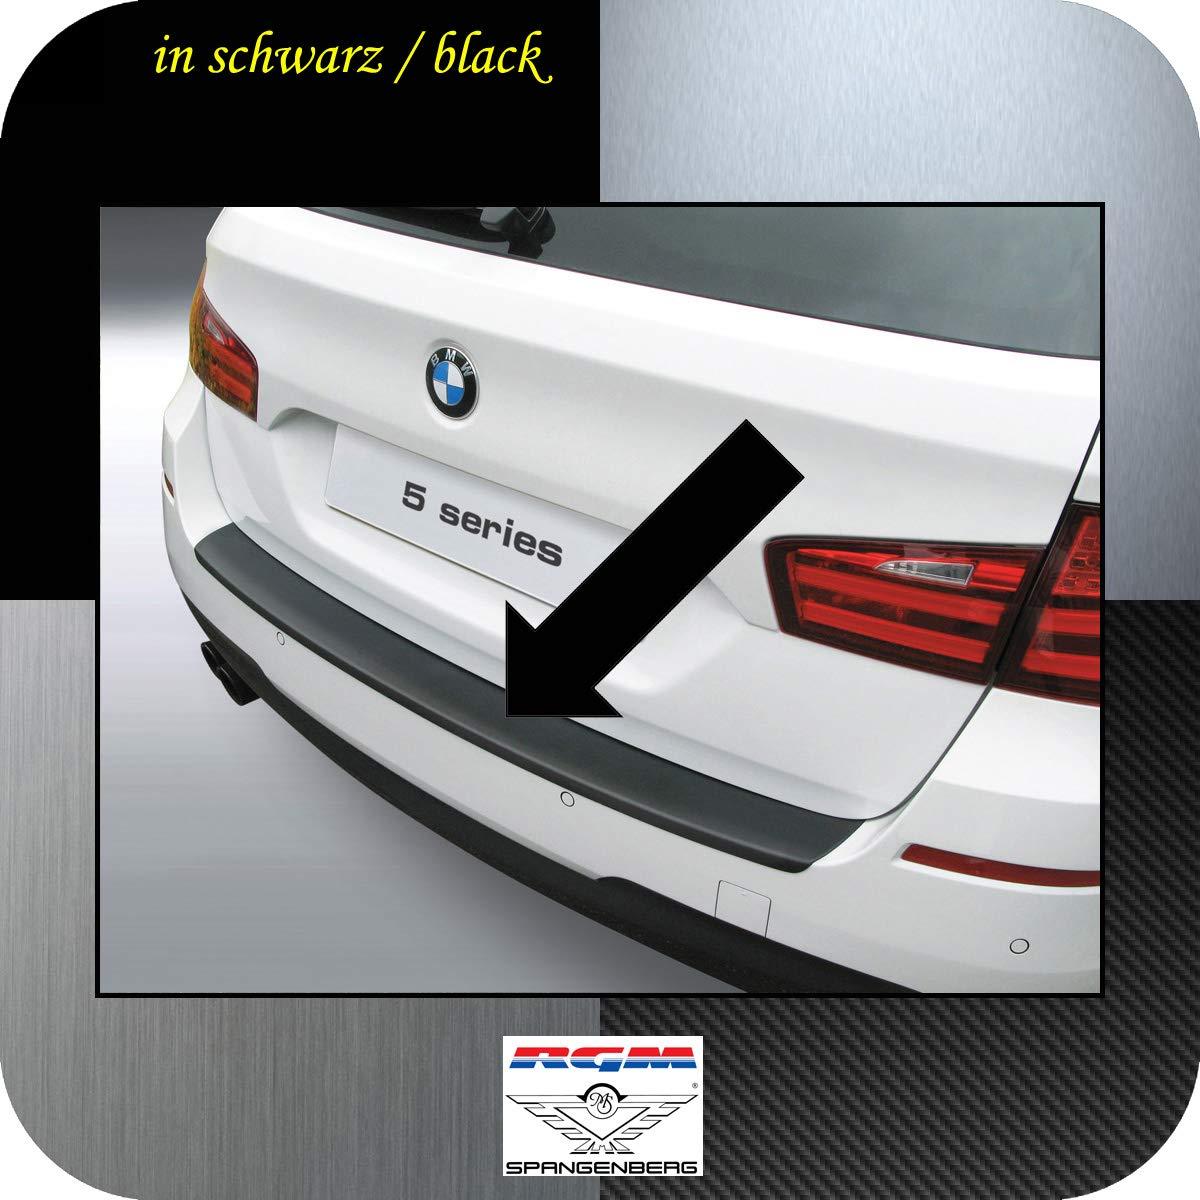 Richard Grant Mouldings Ltd. Original RGM Ladekantenschutz schwarz fü r BMW 5er F11 Touring Kombi ab Baujahr 04.2010- Modelle SE, Sport, Luxury und auch mit M-Style Stoß stangen RBP532